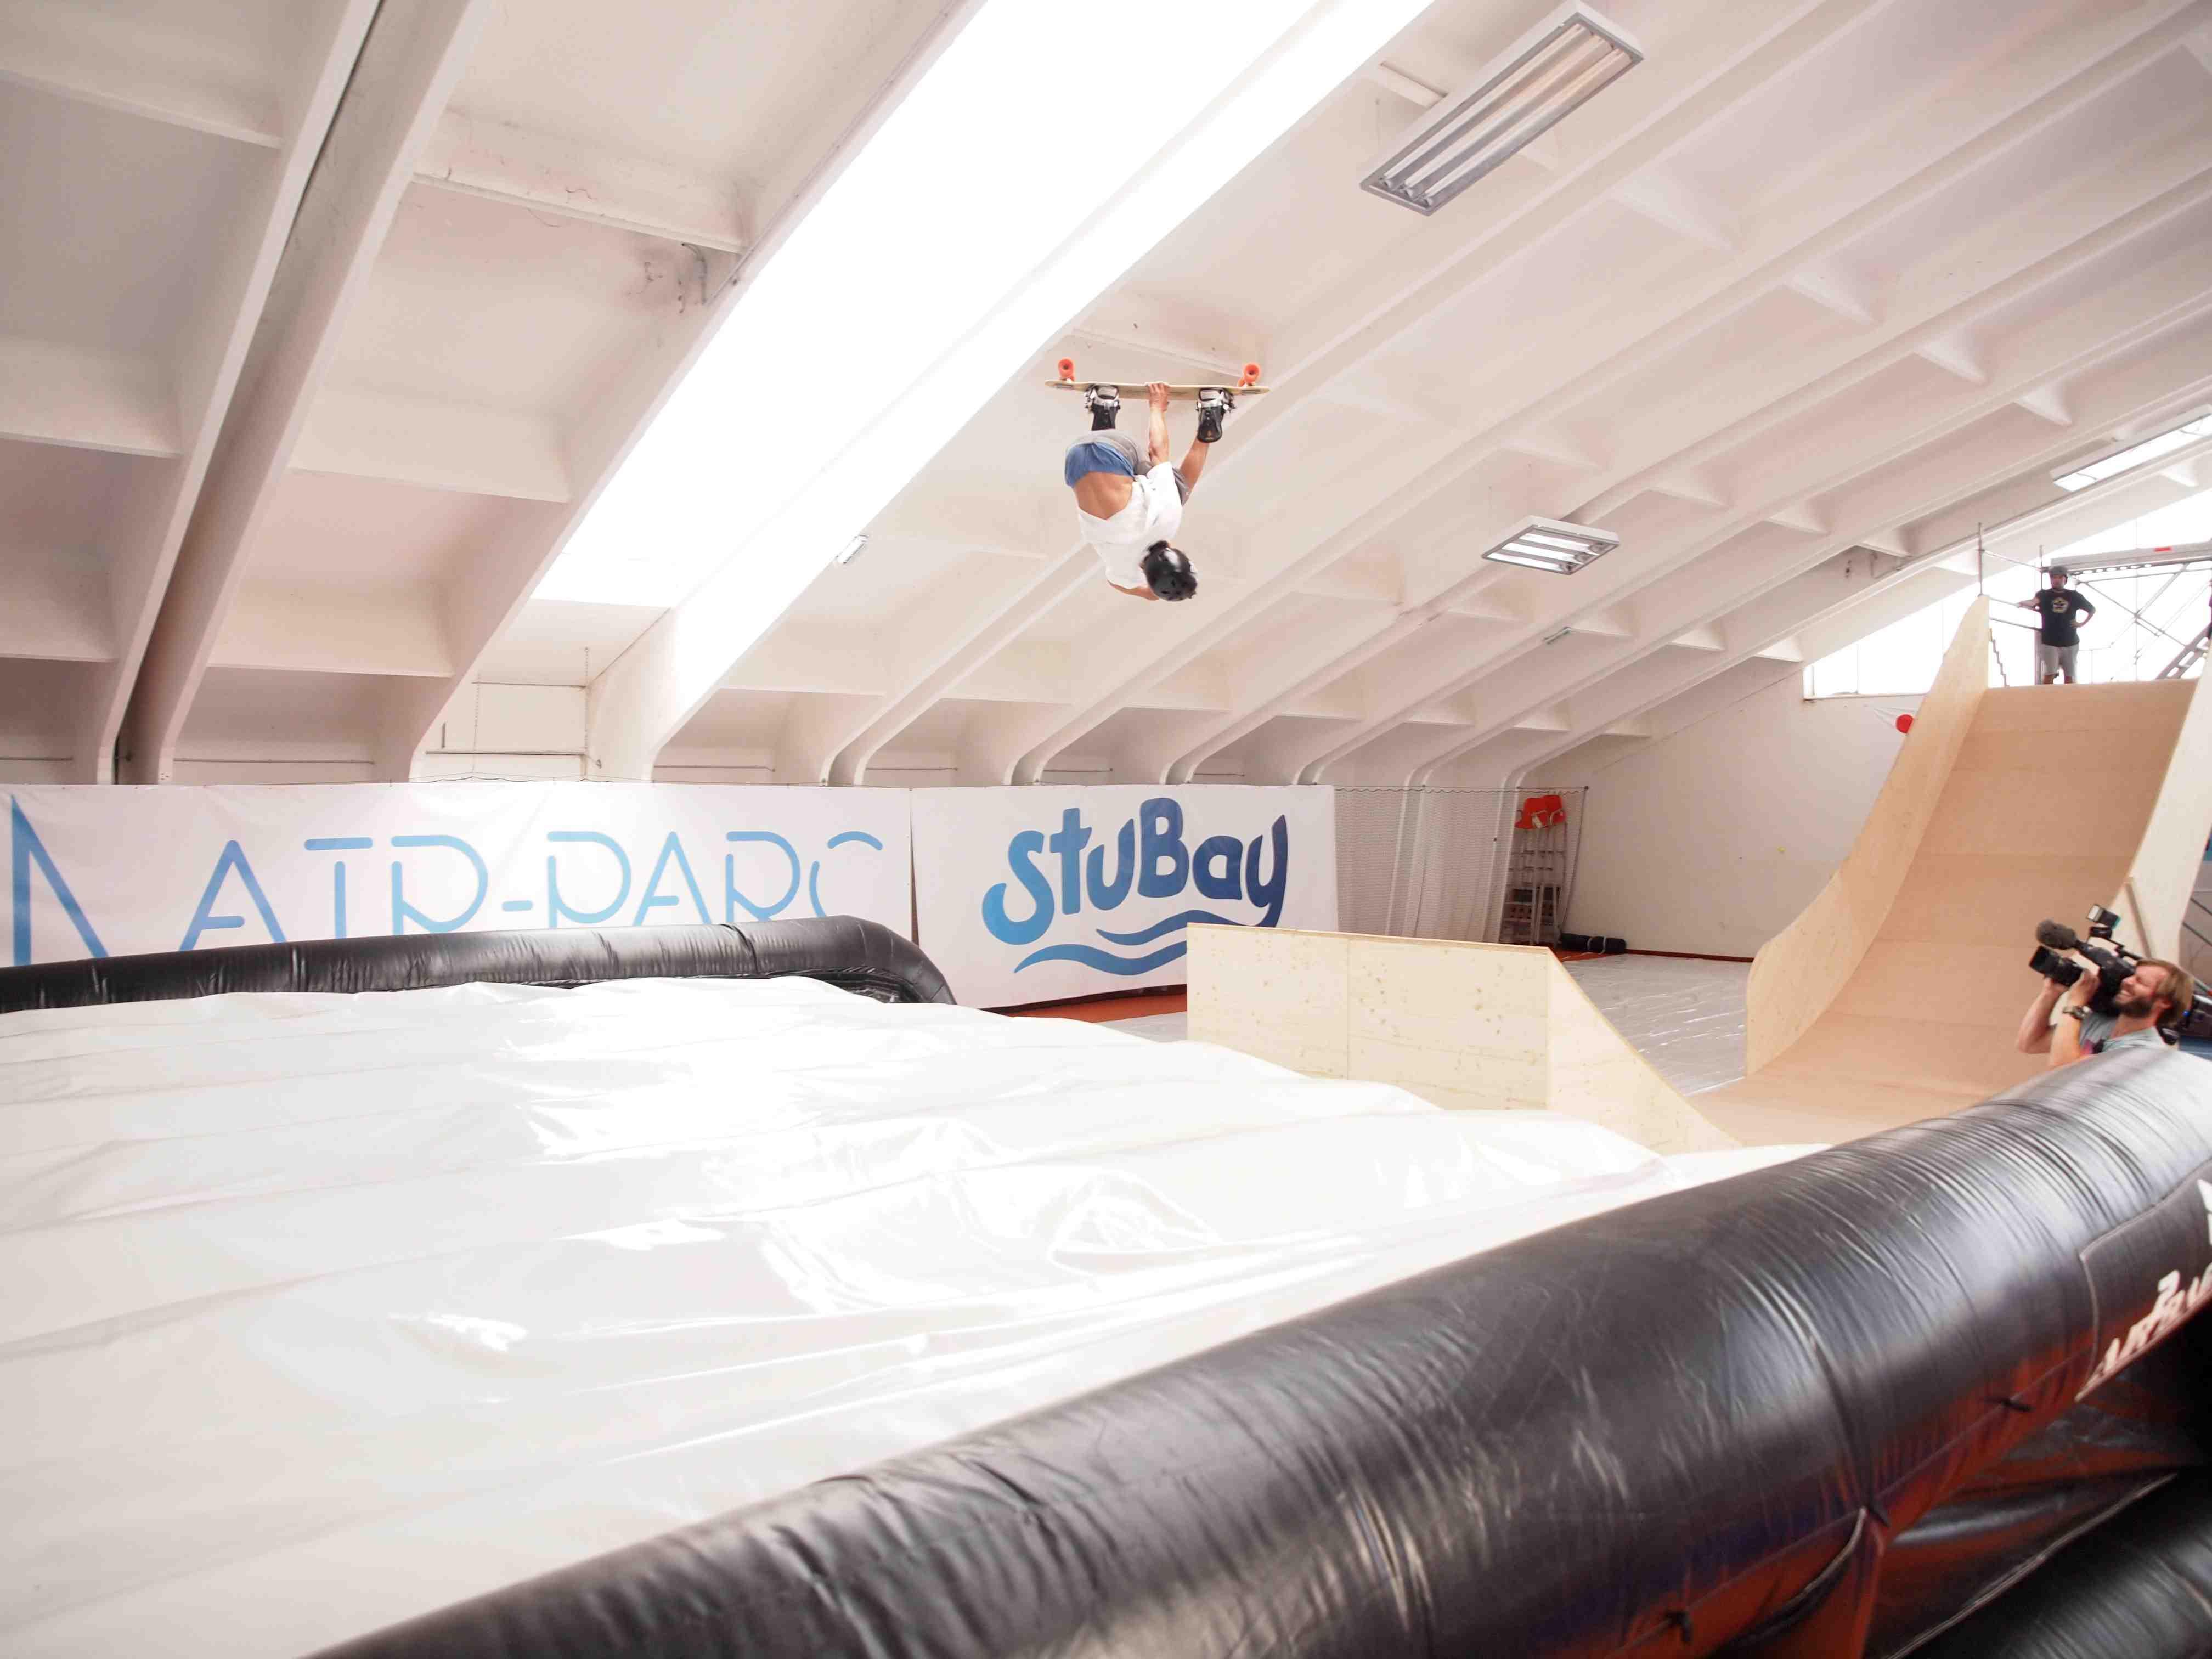 Ob mit dem Board oder den Skates, auch auf der Mini-Ramp werder ihr euren Spaß haben